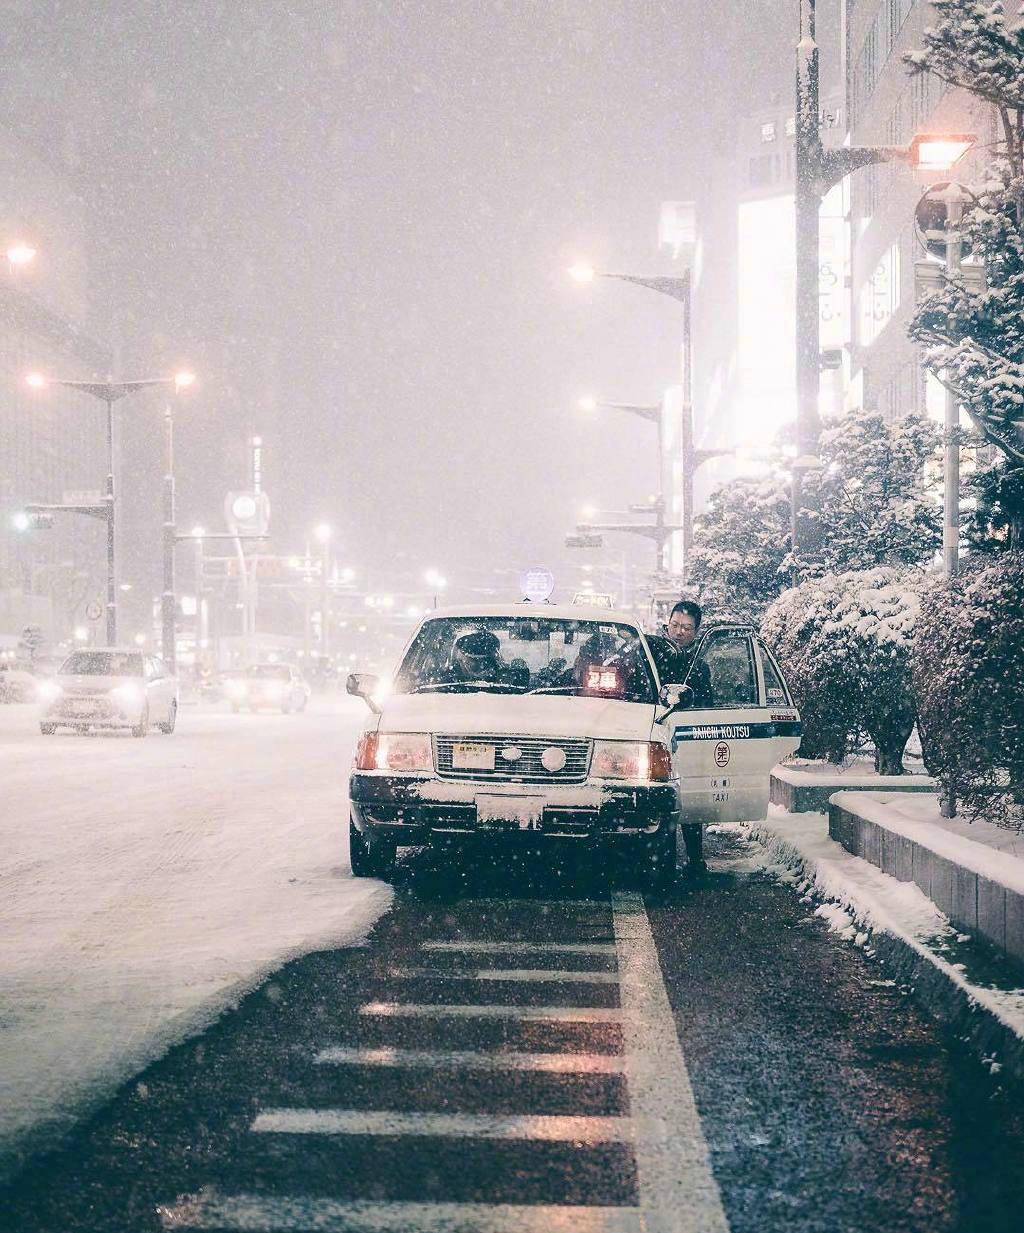 日本北海道的冬日雪景 ins:taromoberly